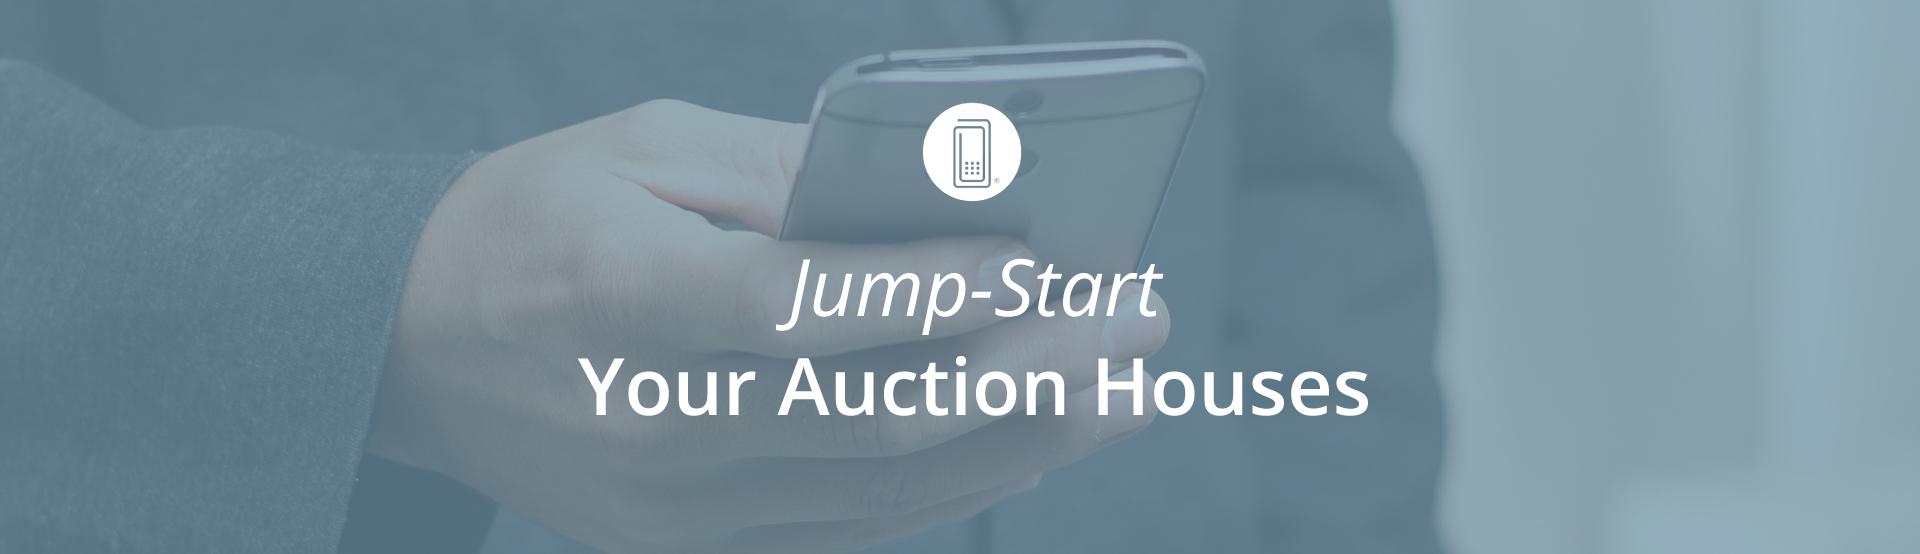 EBC_AuctionHousesBanner.png